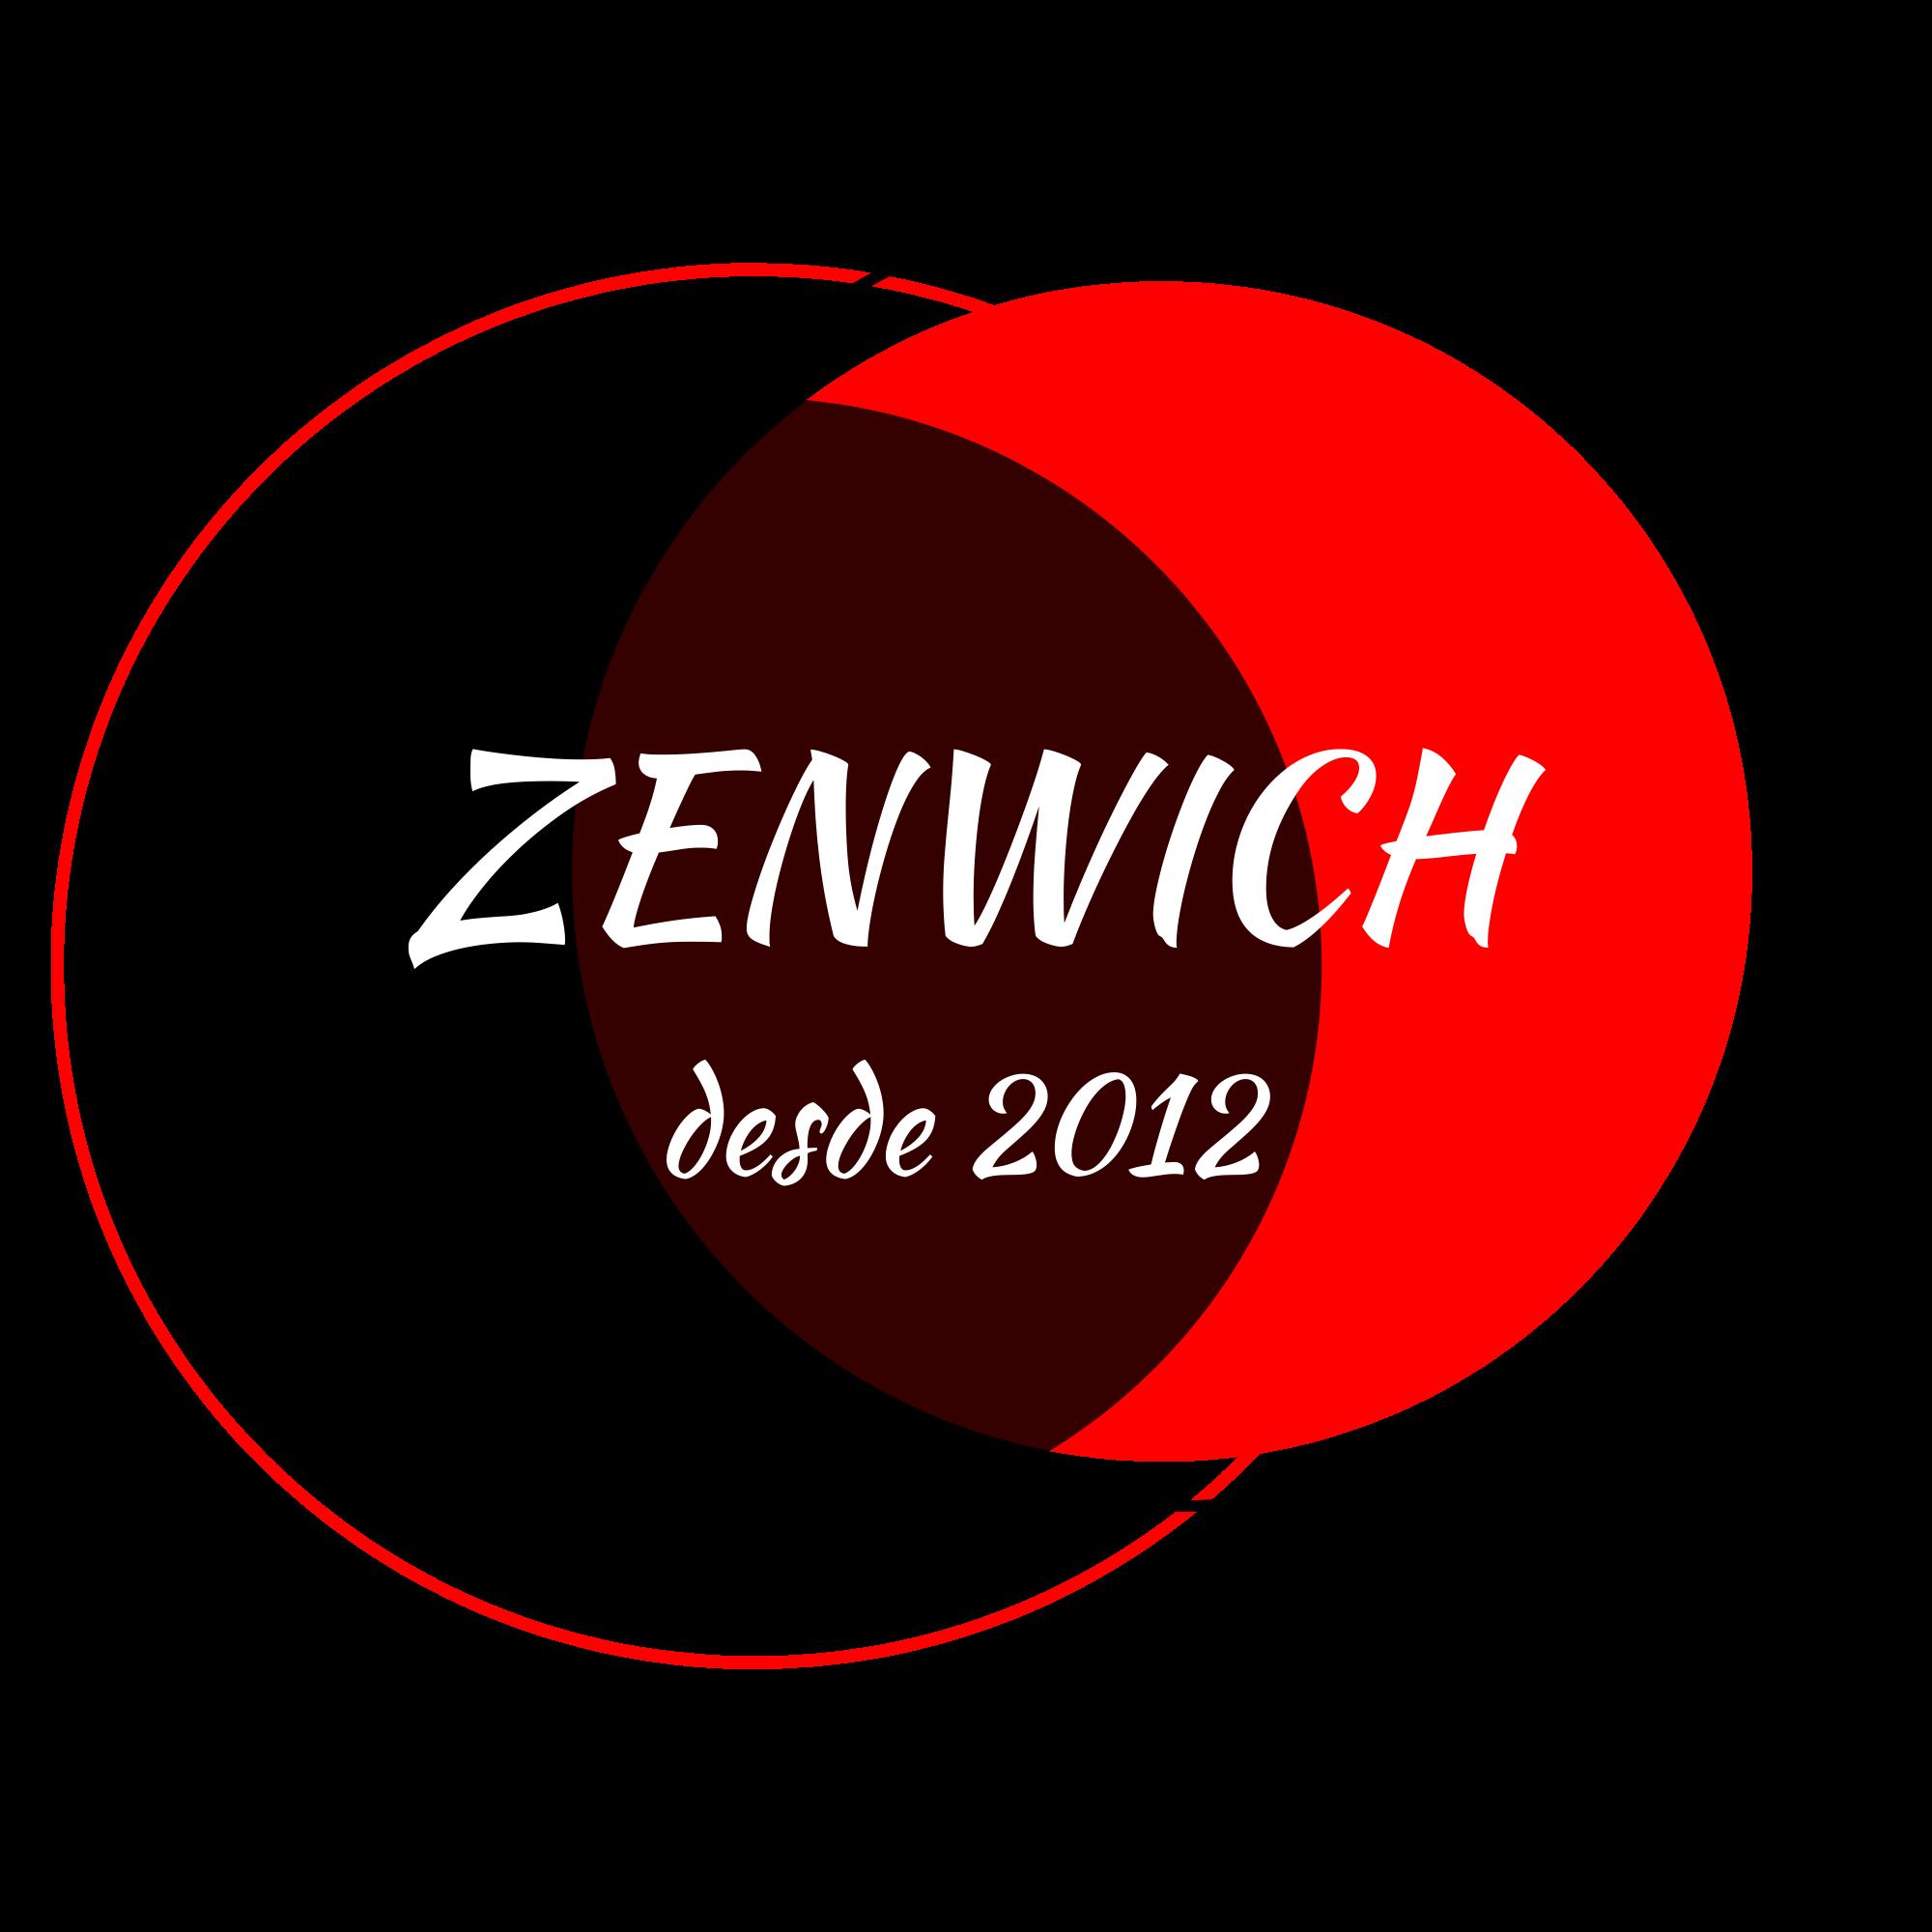 Zenwich